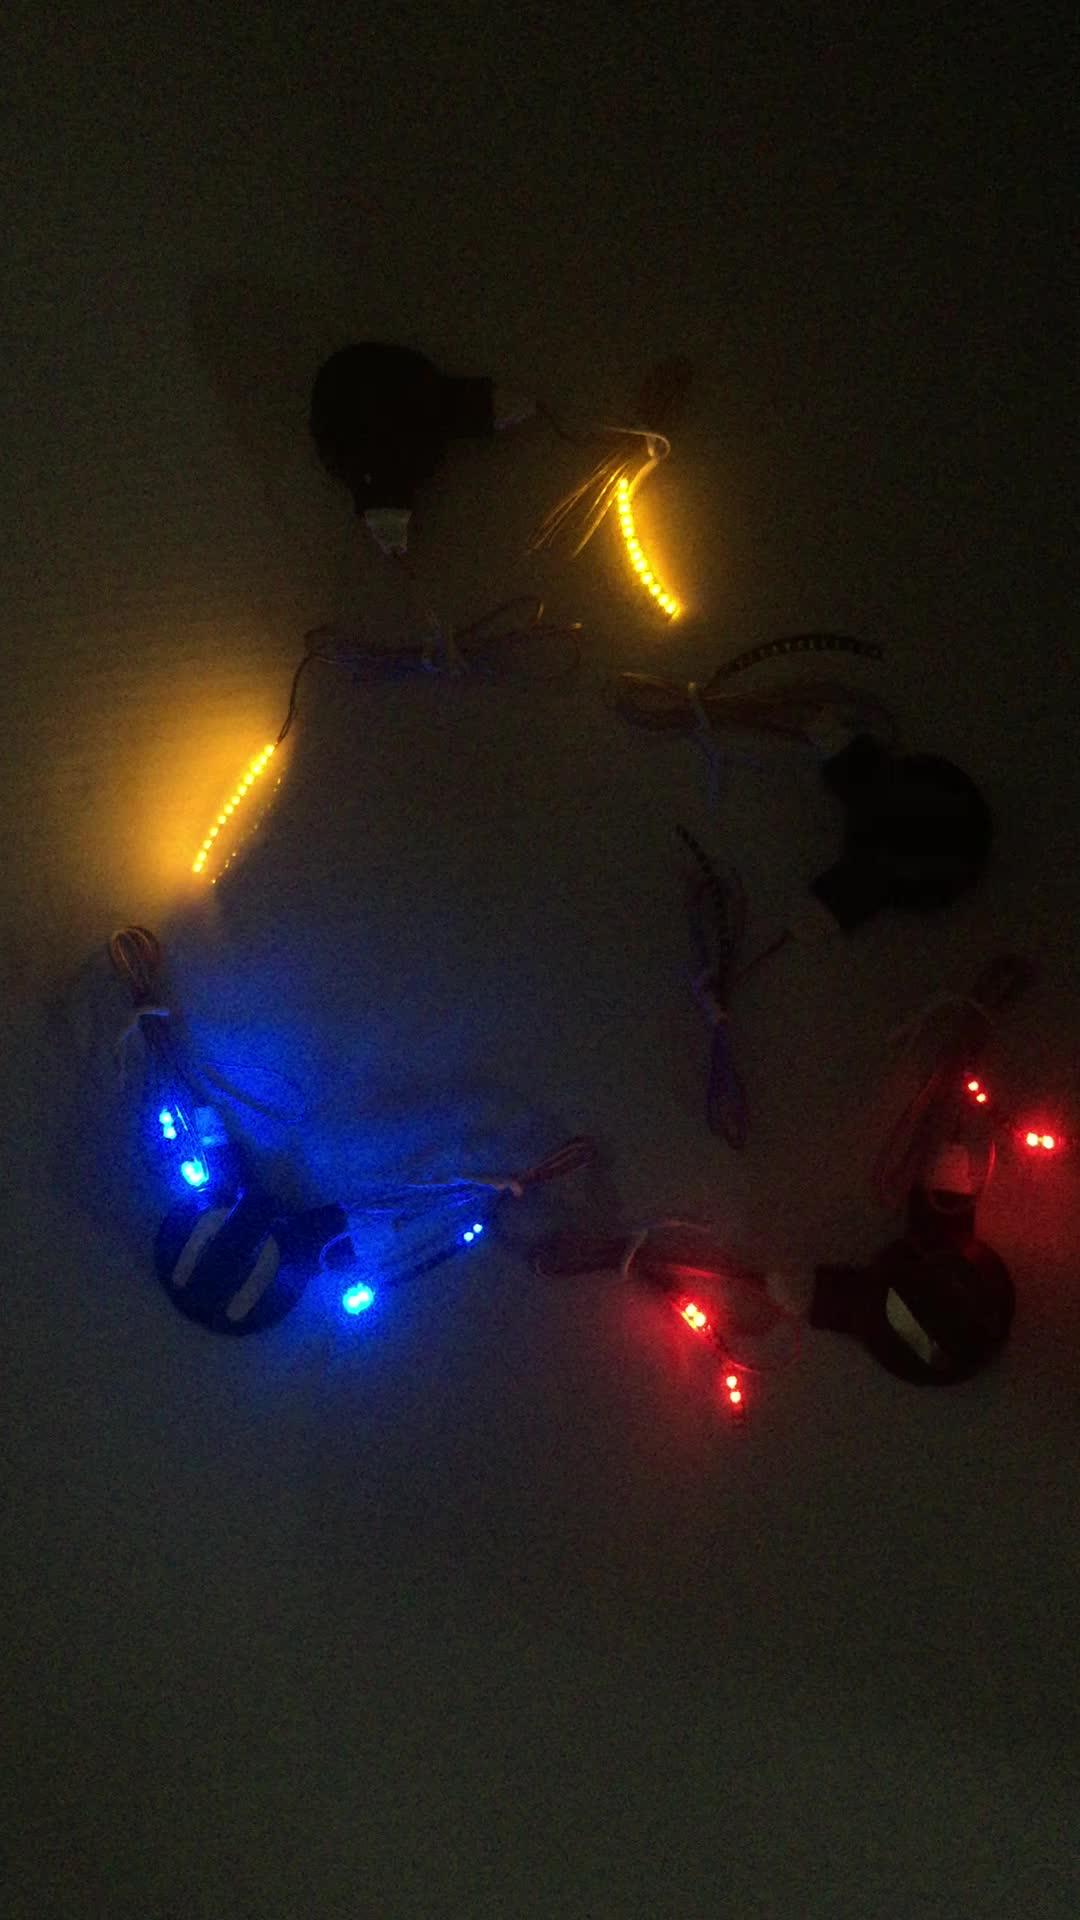 Custom Light Up Materiale Glow in The Dark Ceretta Multicolore Poliestere Lacci Delle Scarpe Led Lacci Delle Scarpe